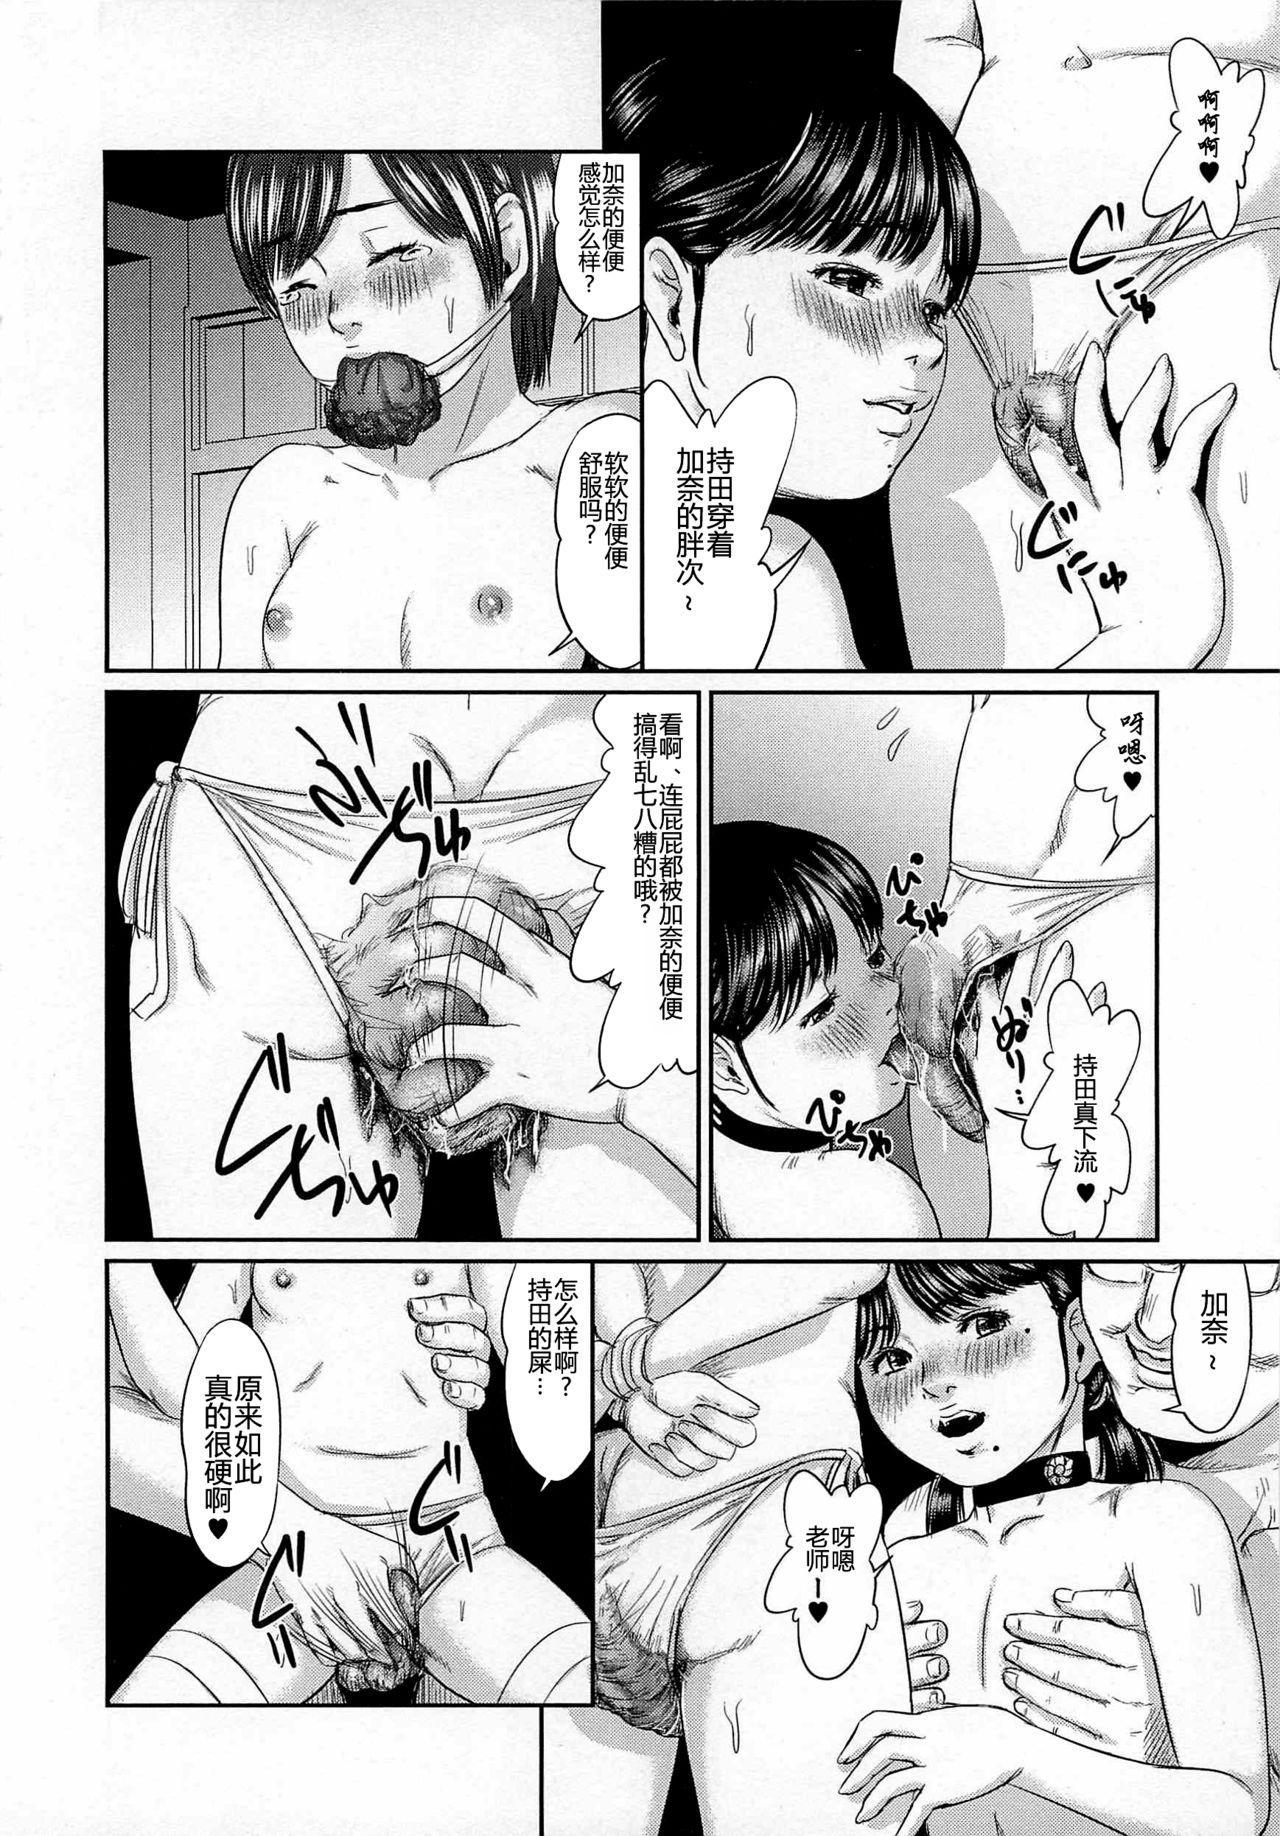 Daisenkou ~ Shin Dokuhime no Mitsu 185